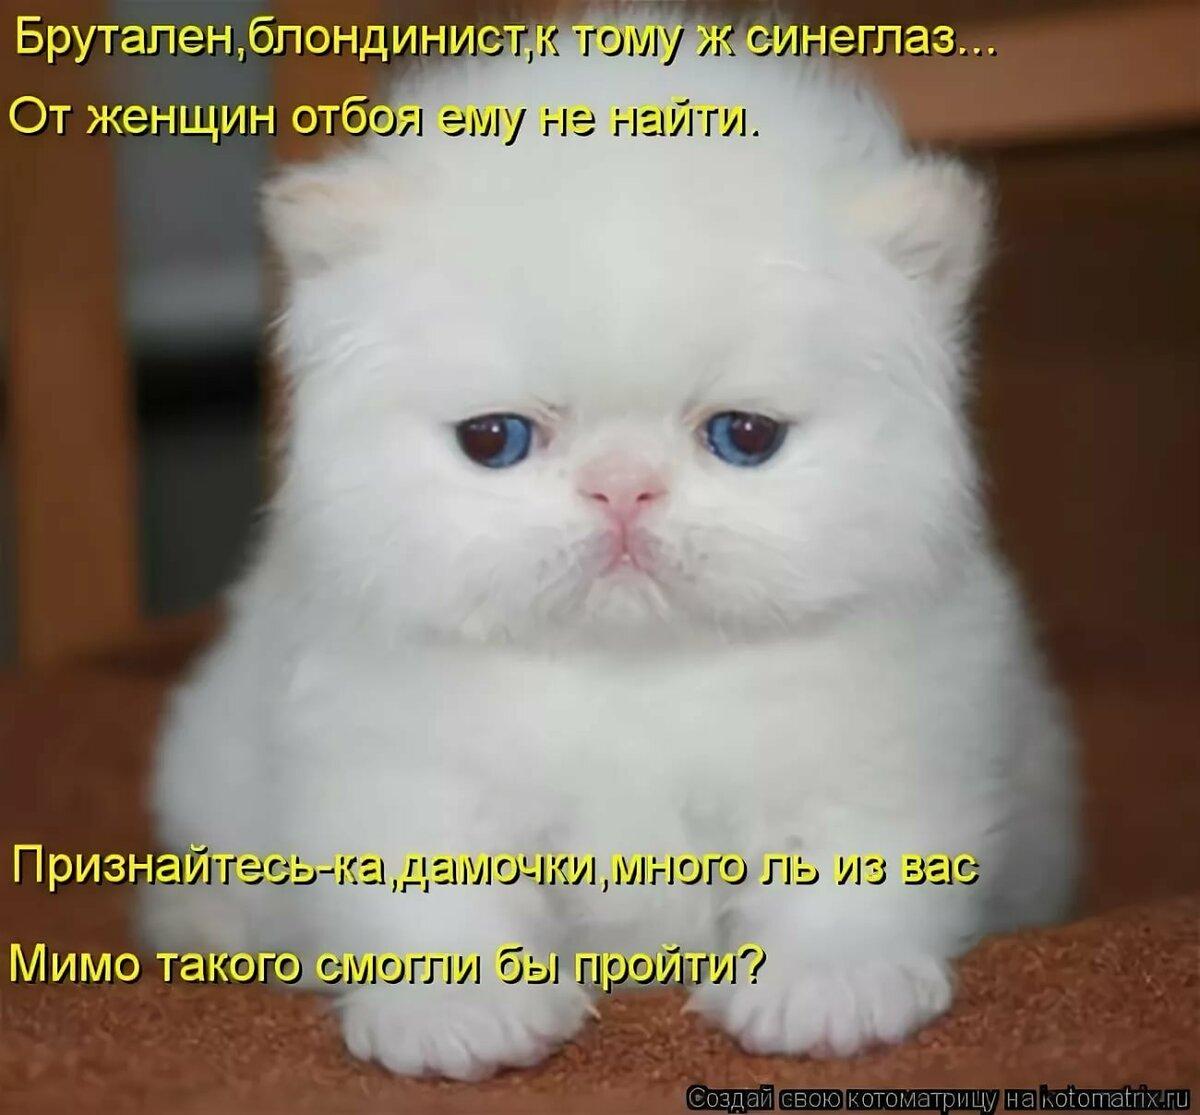 Фото с котятами с надписями